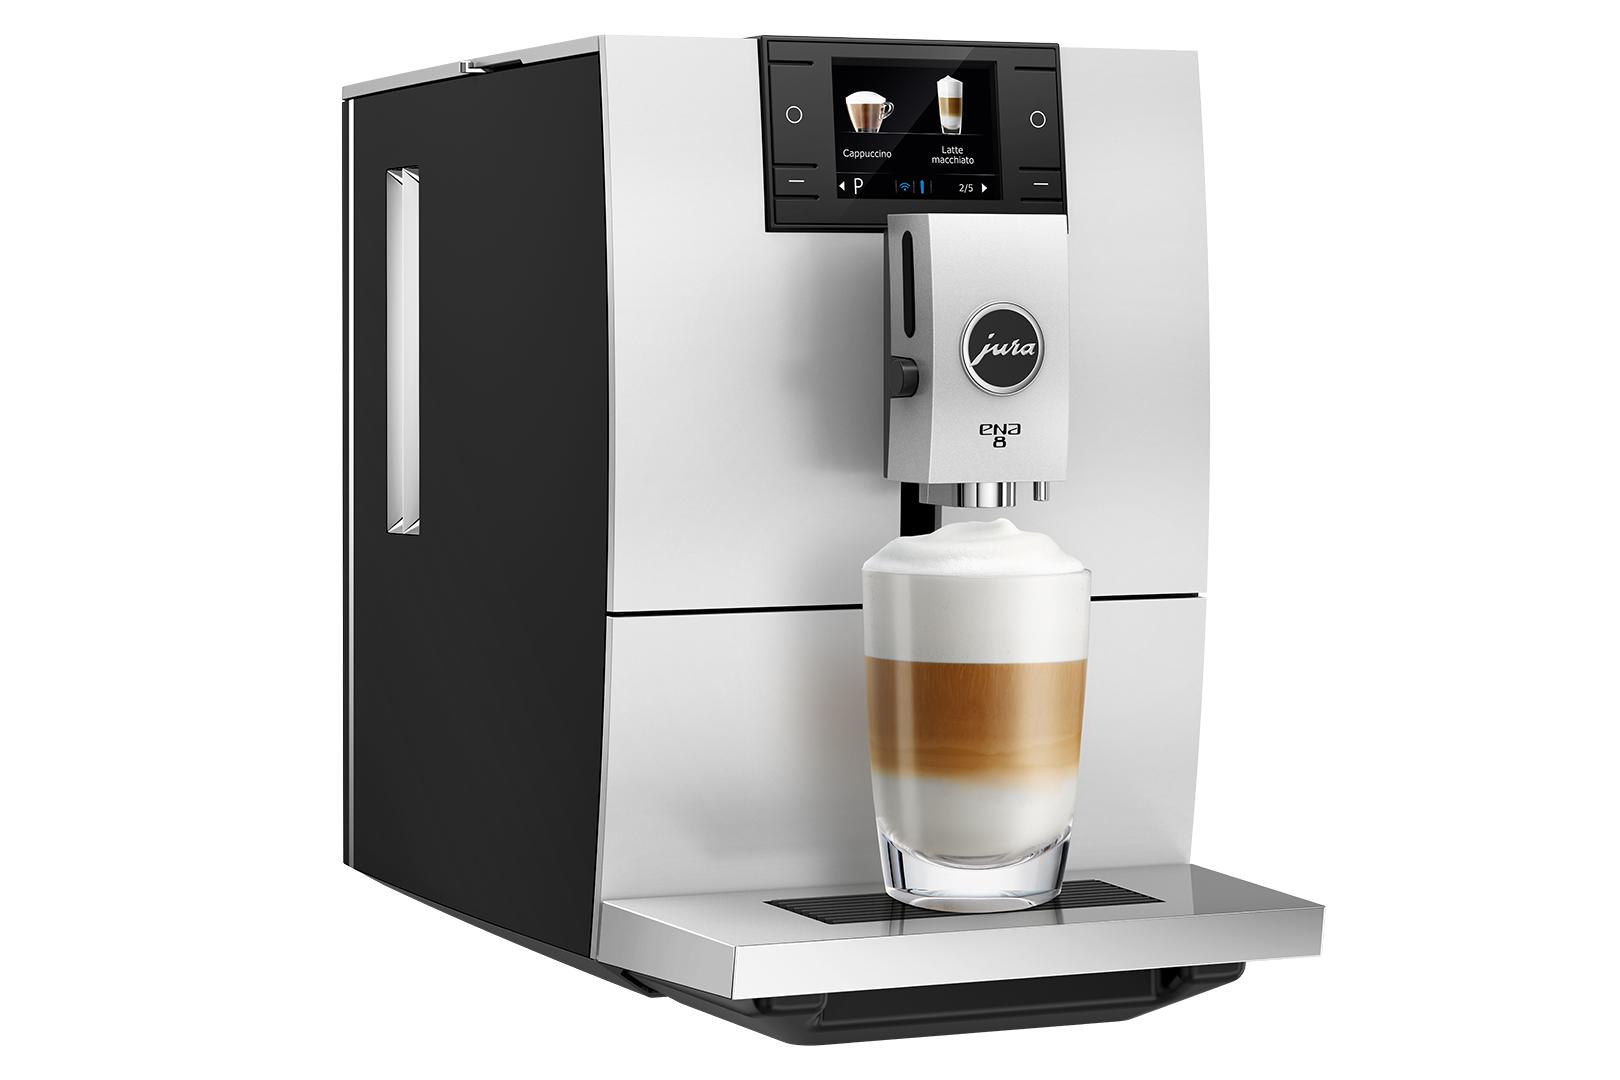 Carolina Coffee Jura ENA 8 - Metropolitan Black